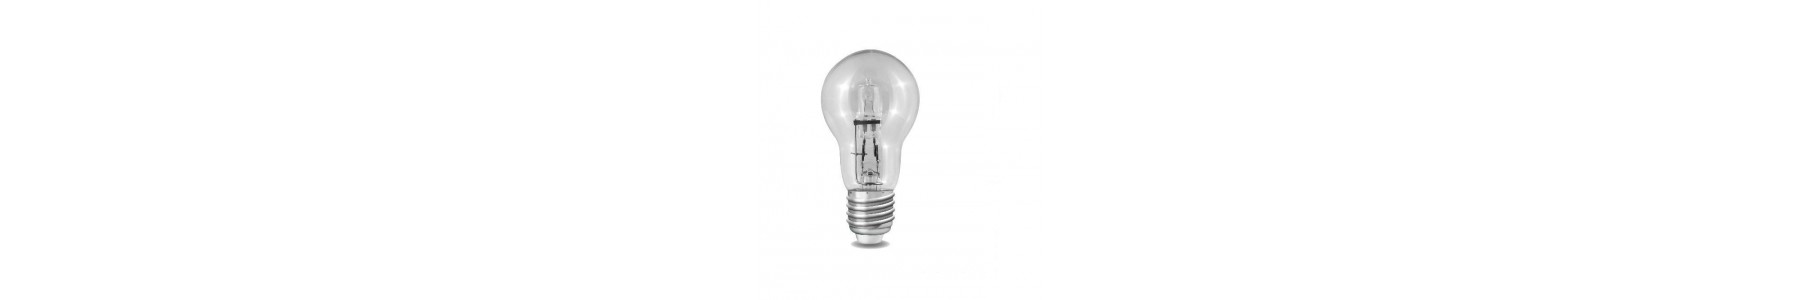 E27 Energy saver